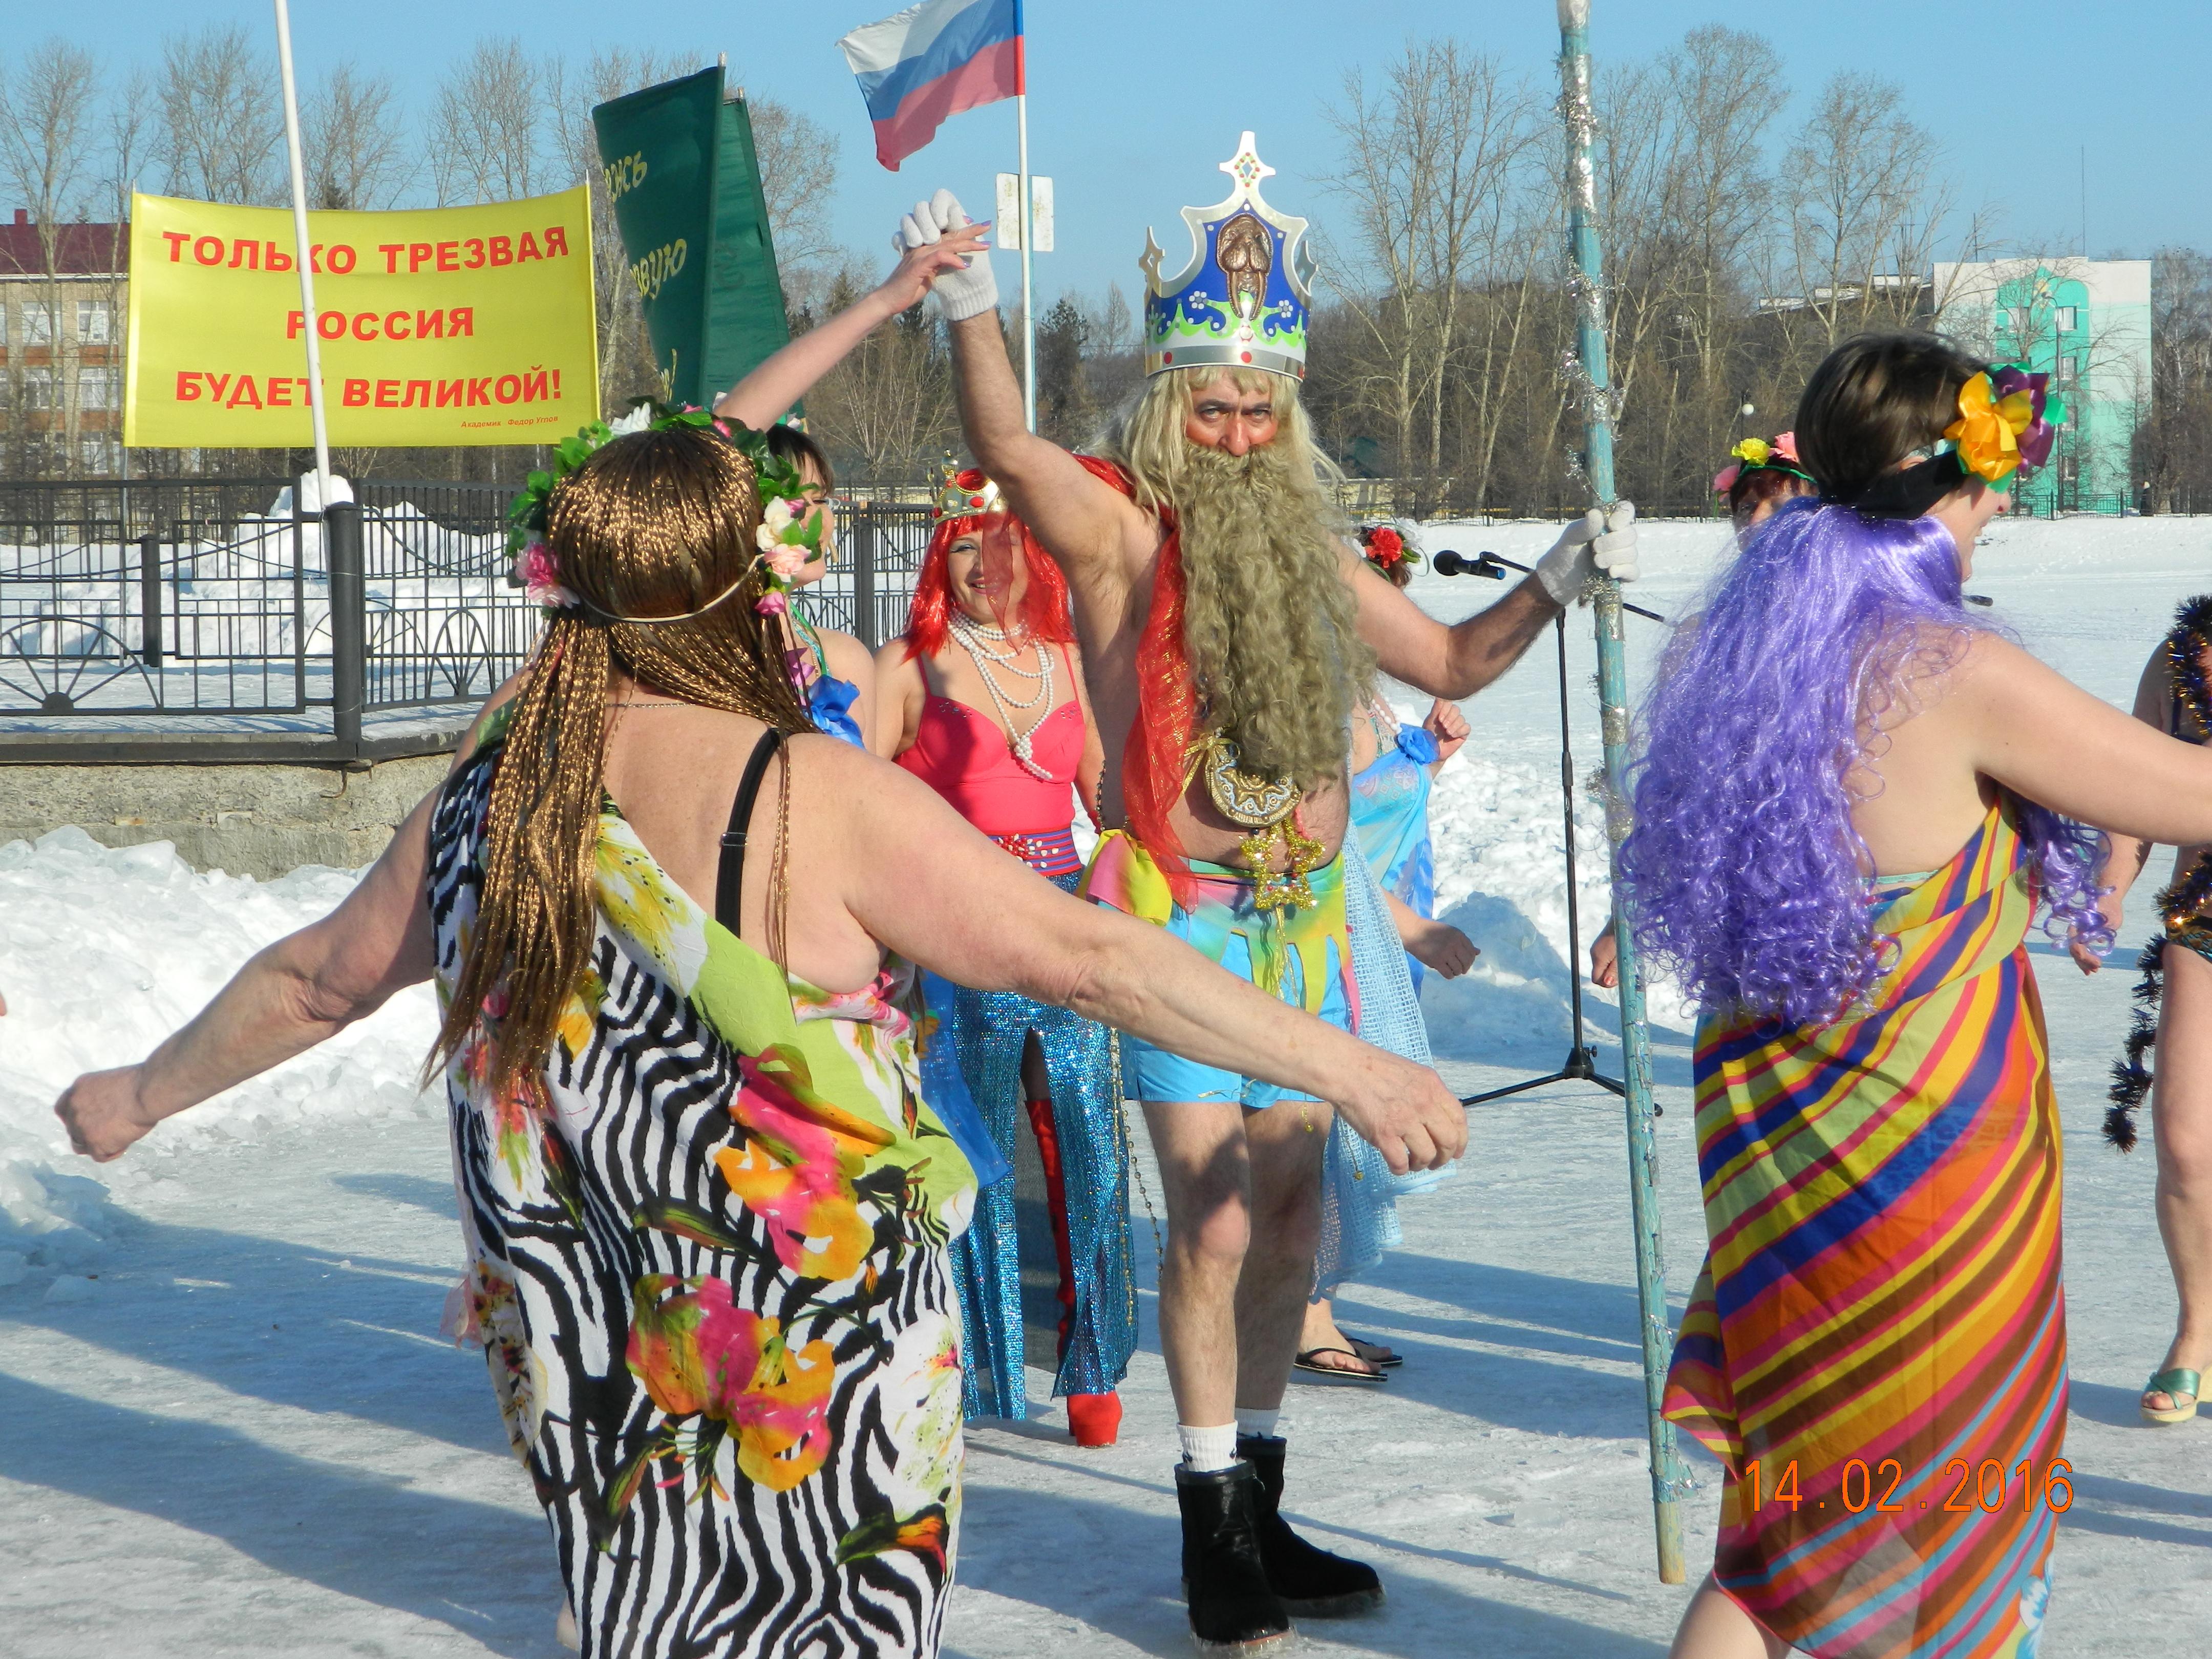 Развратные русские девочки частные фото 7 фотография